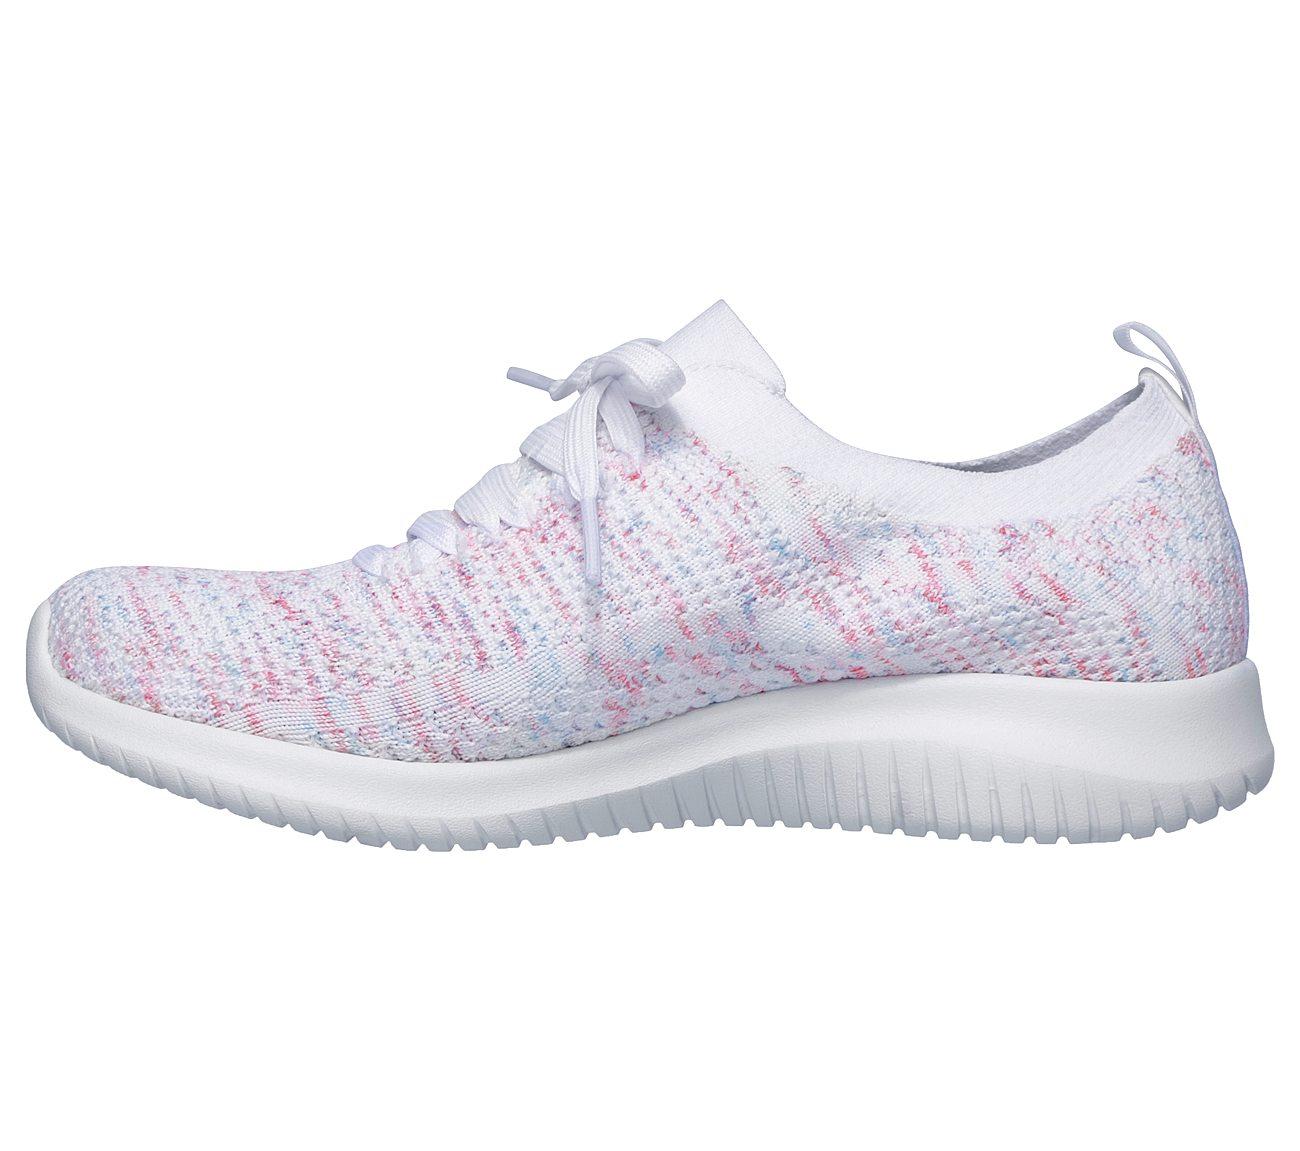 Skechers Women's Ultra Flex Happy Days Sneaker WhitePinkBlue